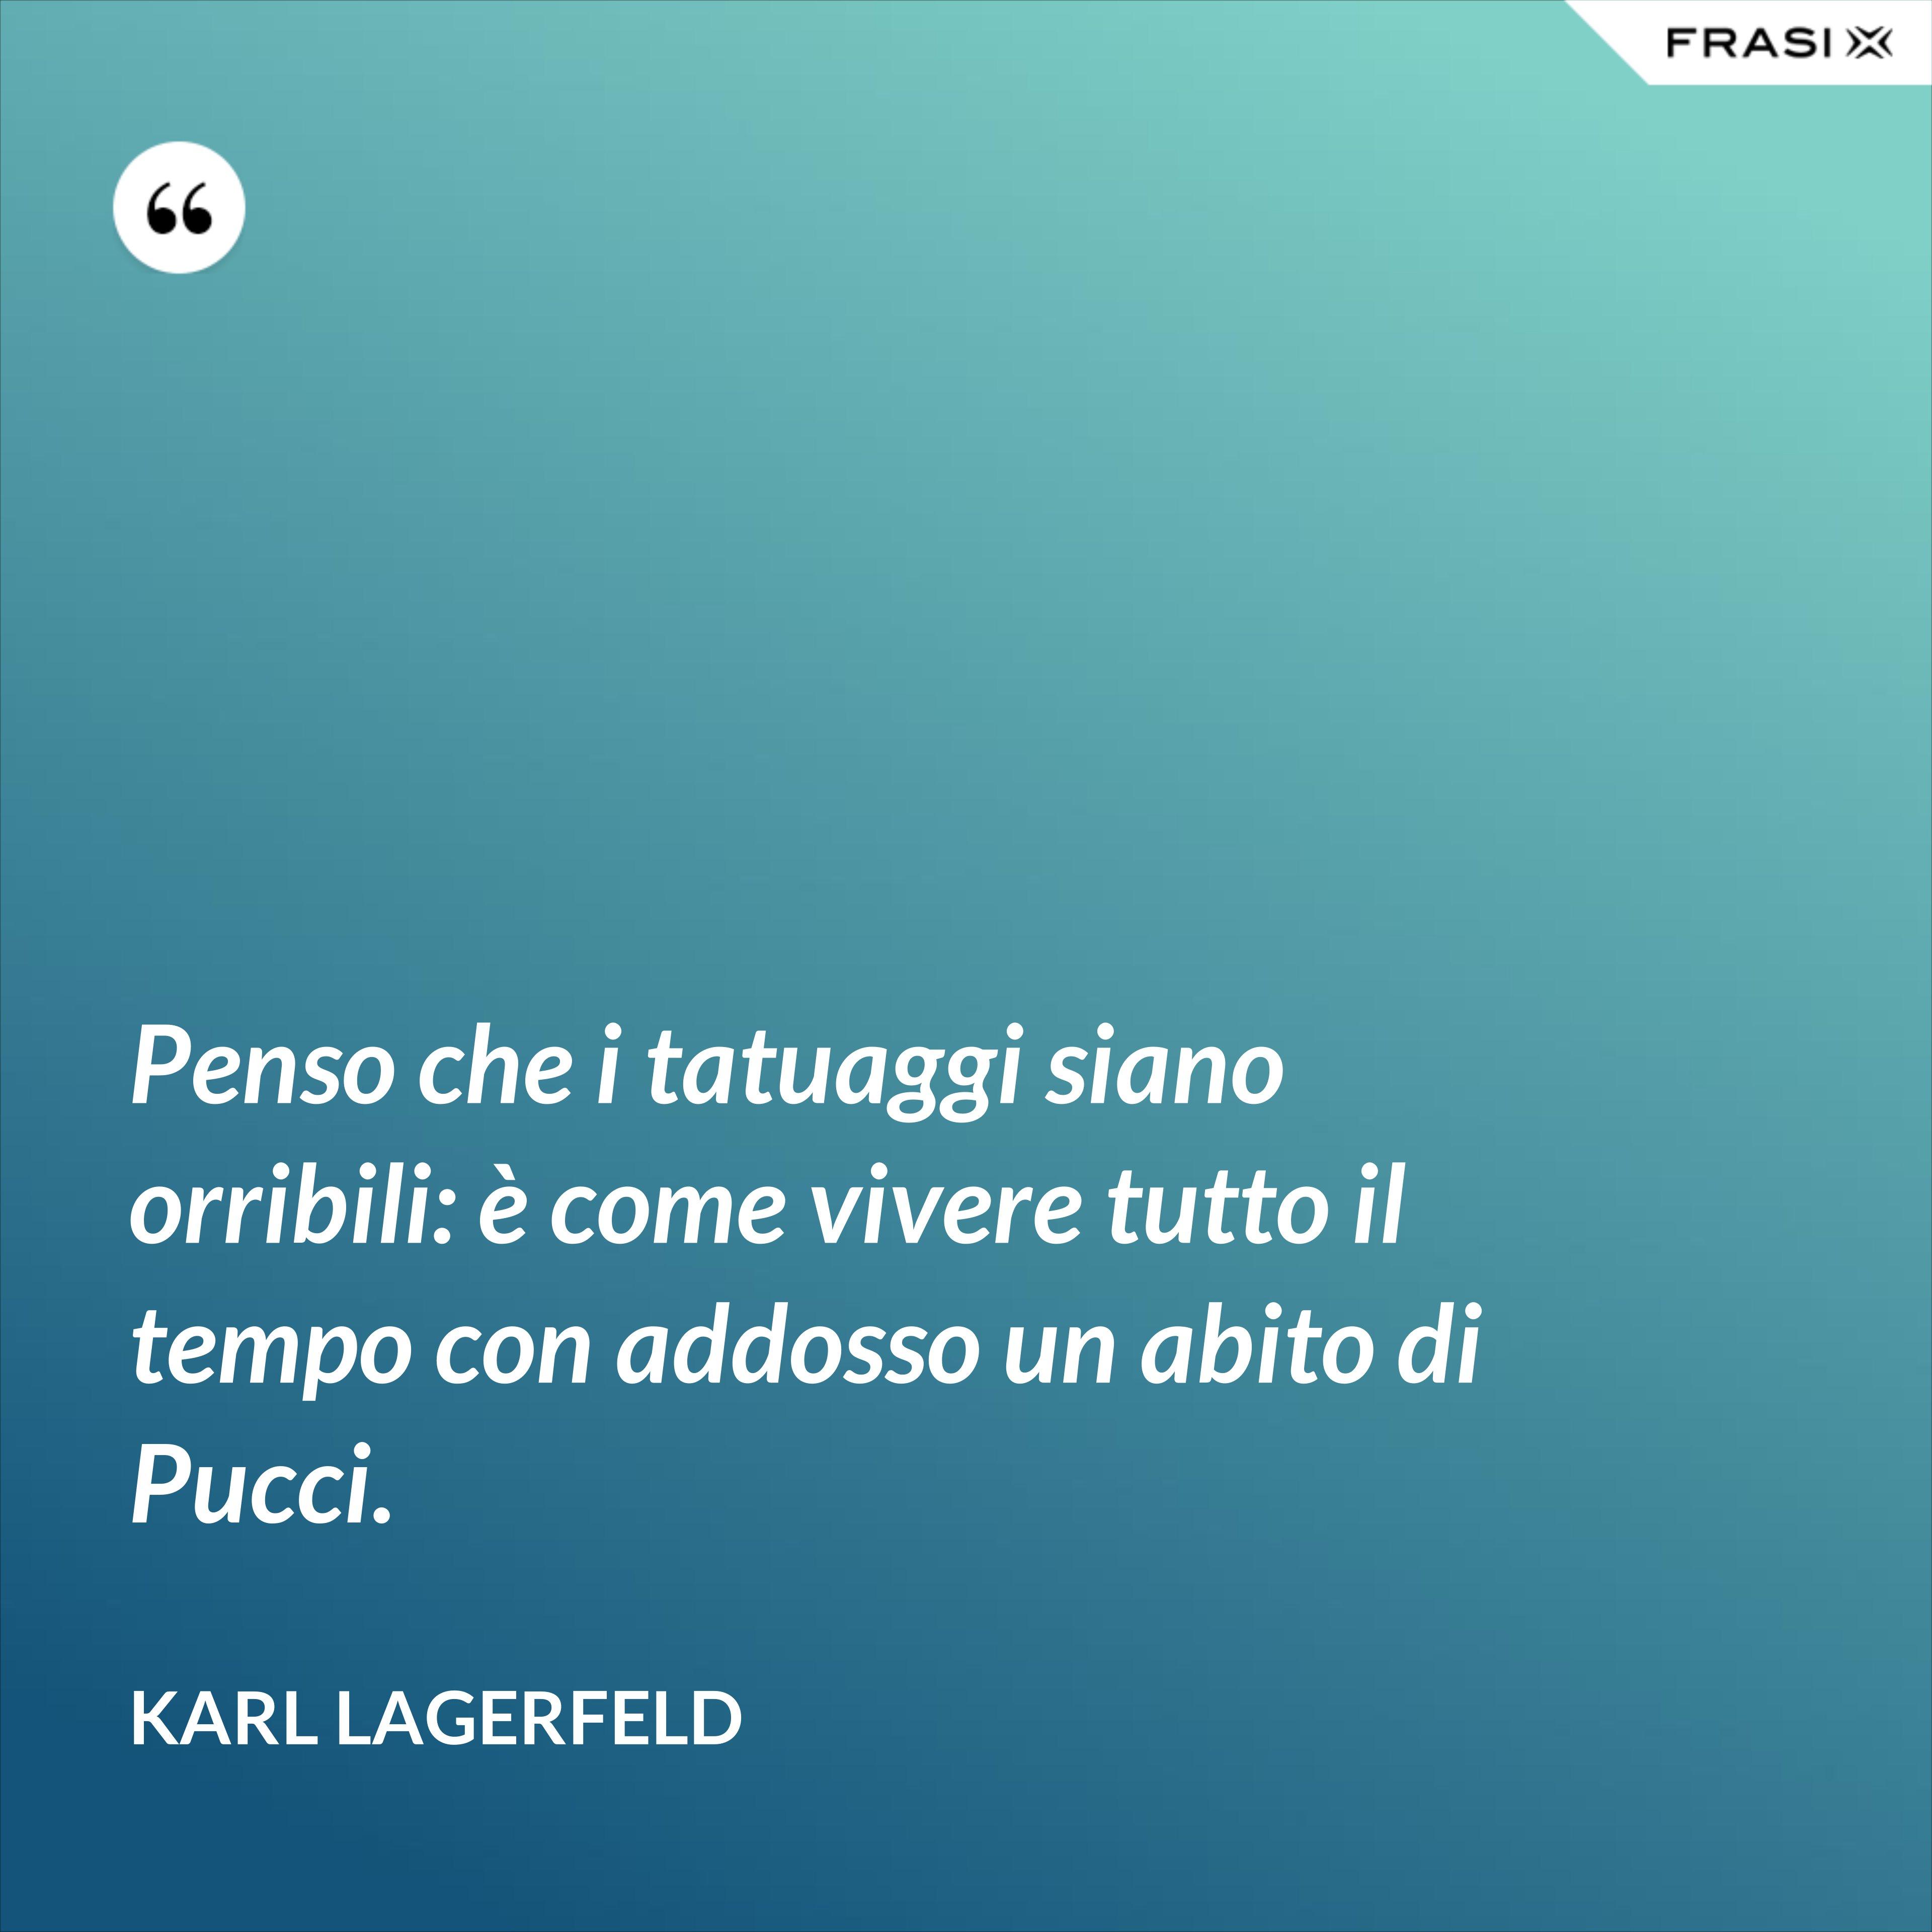 Penso che i tatuaggi siano orribili: è come vivere tutto il tempo con addosso un abito di Pucci. - Karl Lagerfeld